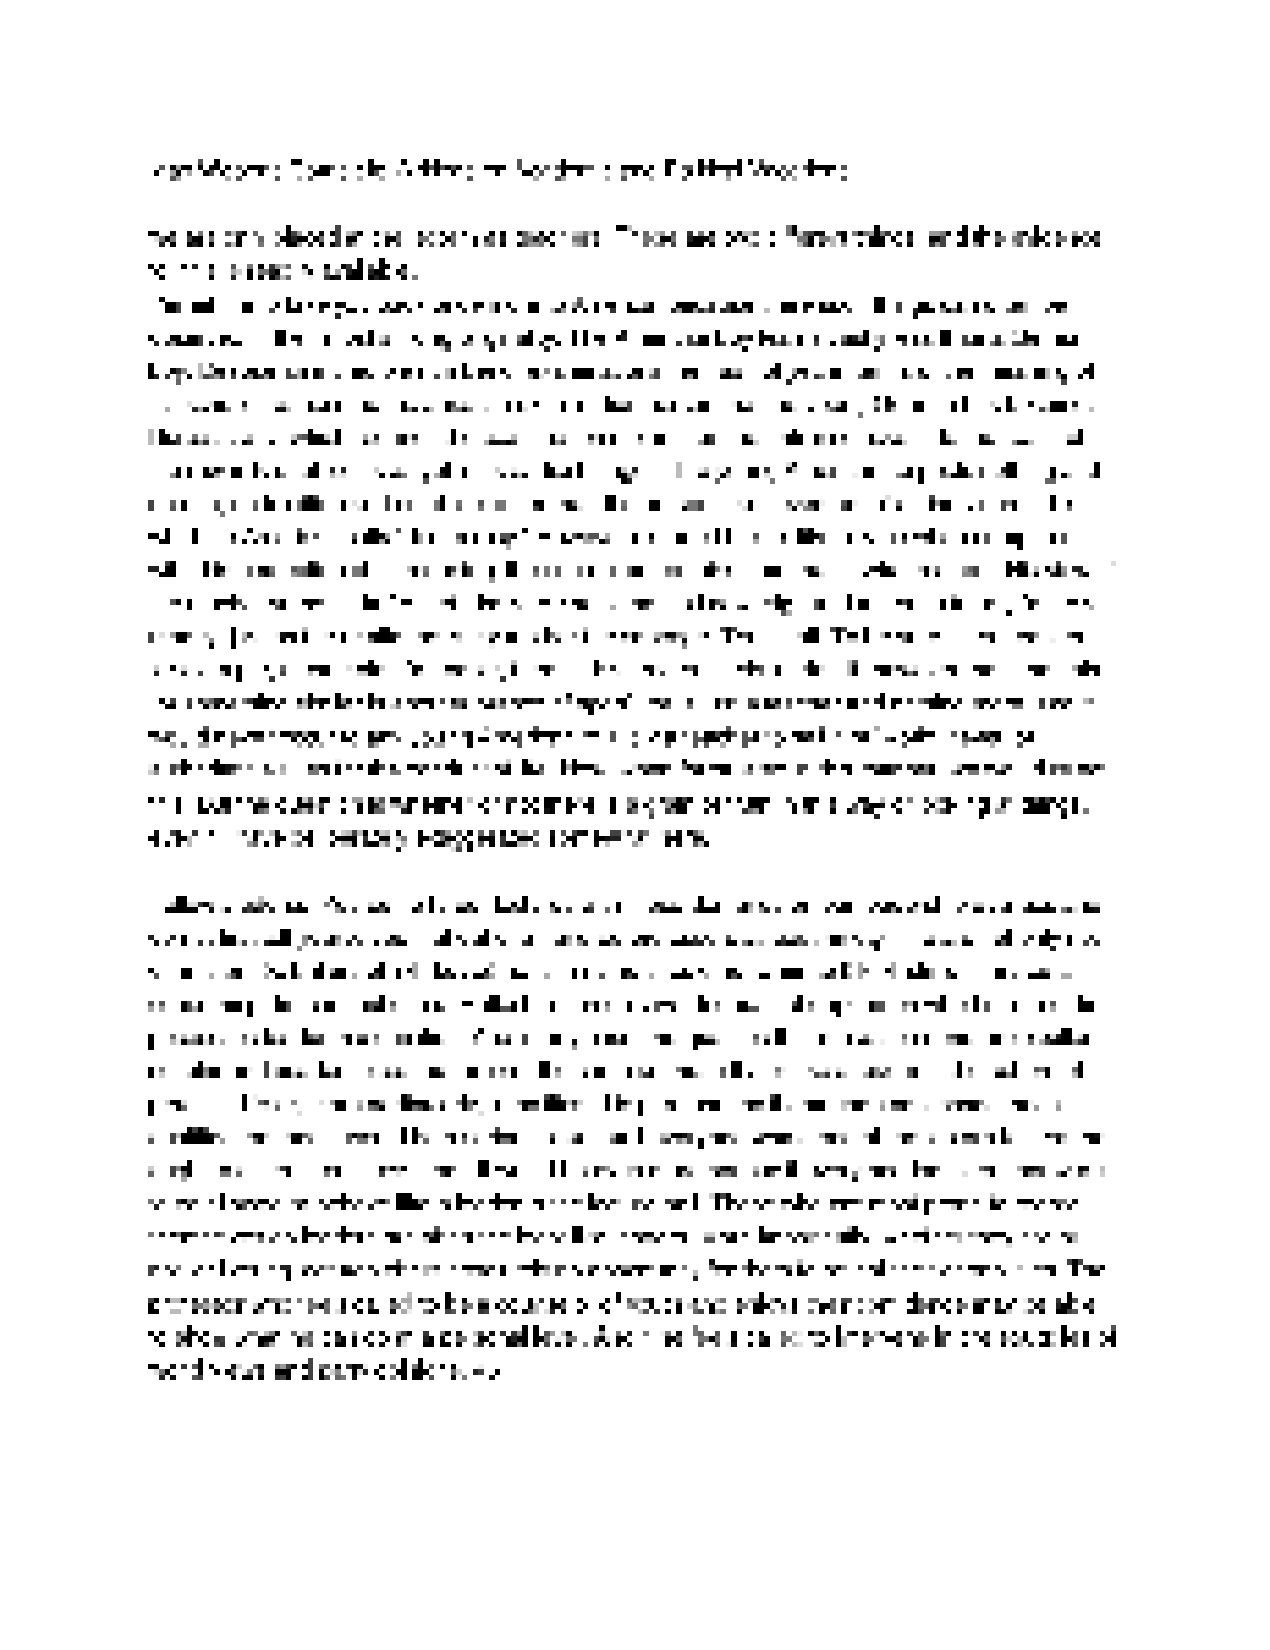 ebook средства программирования для многопроцессорных вычислительных систем учебно